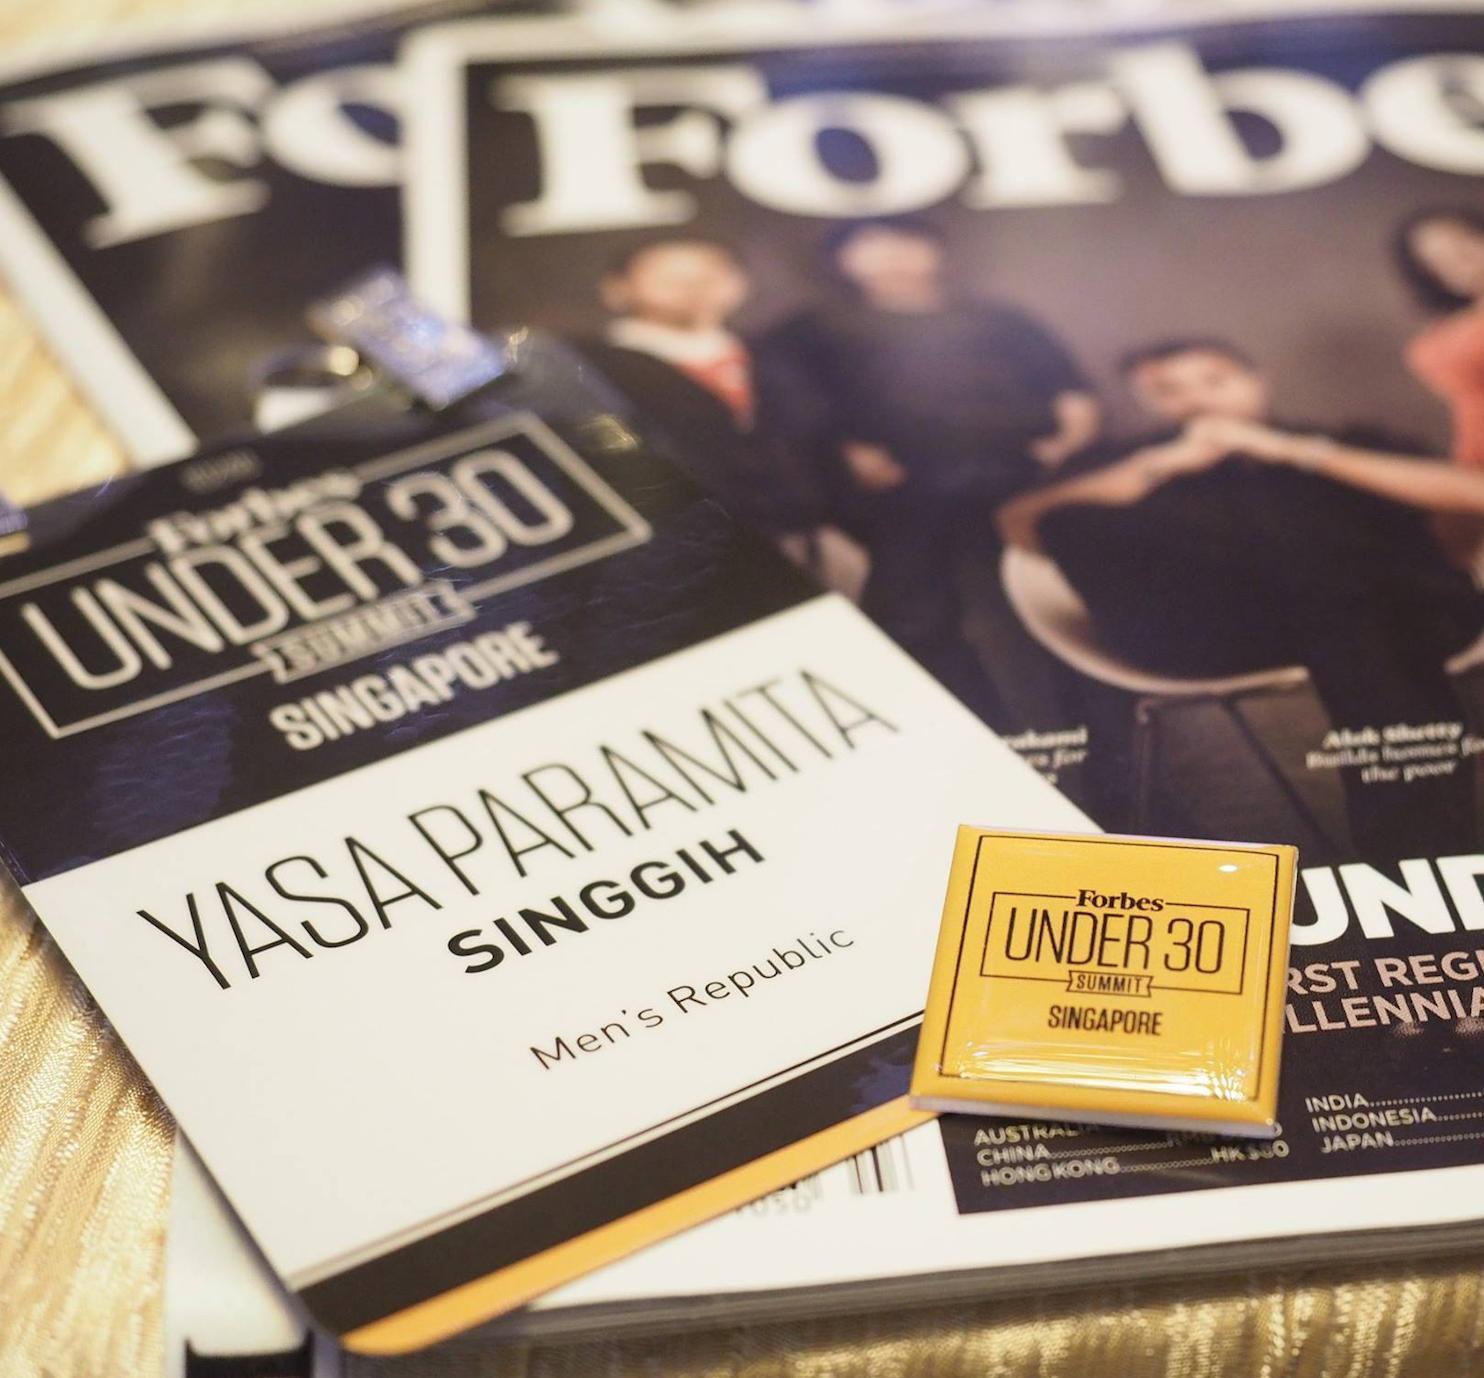 Yasa Singgih, pengusaha muda yang mendapat apresiasi dari Forbes